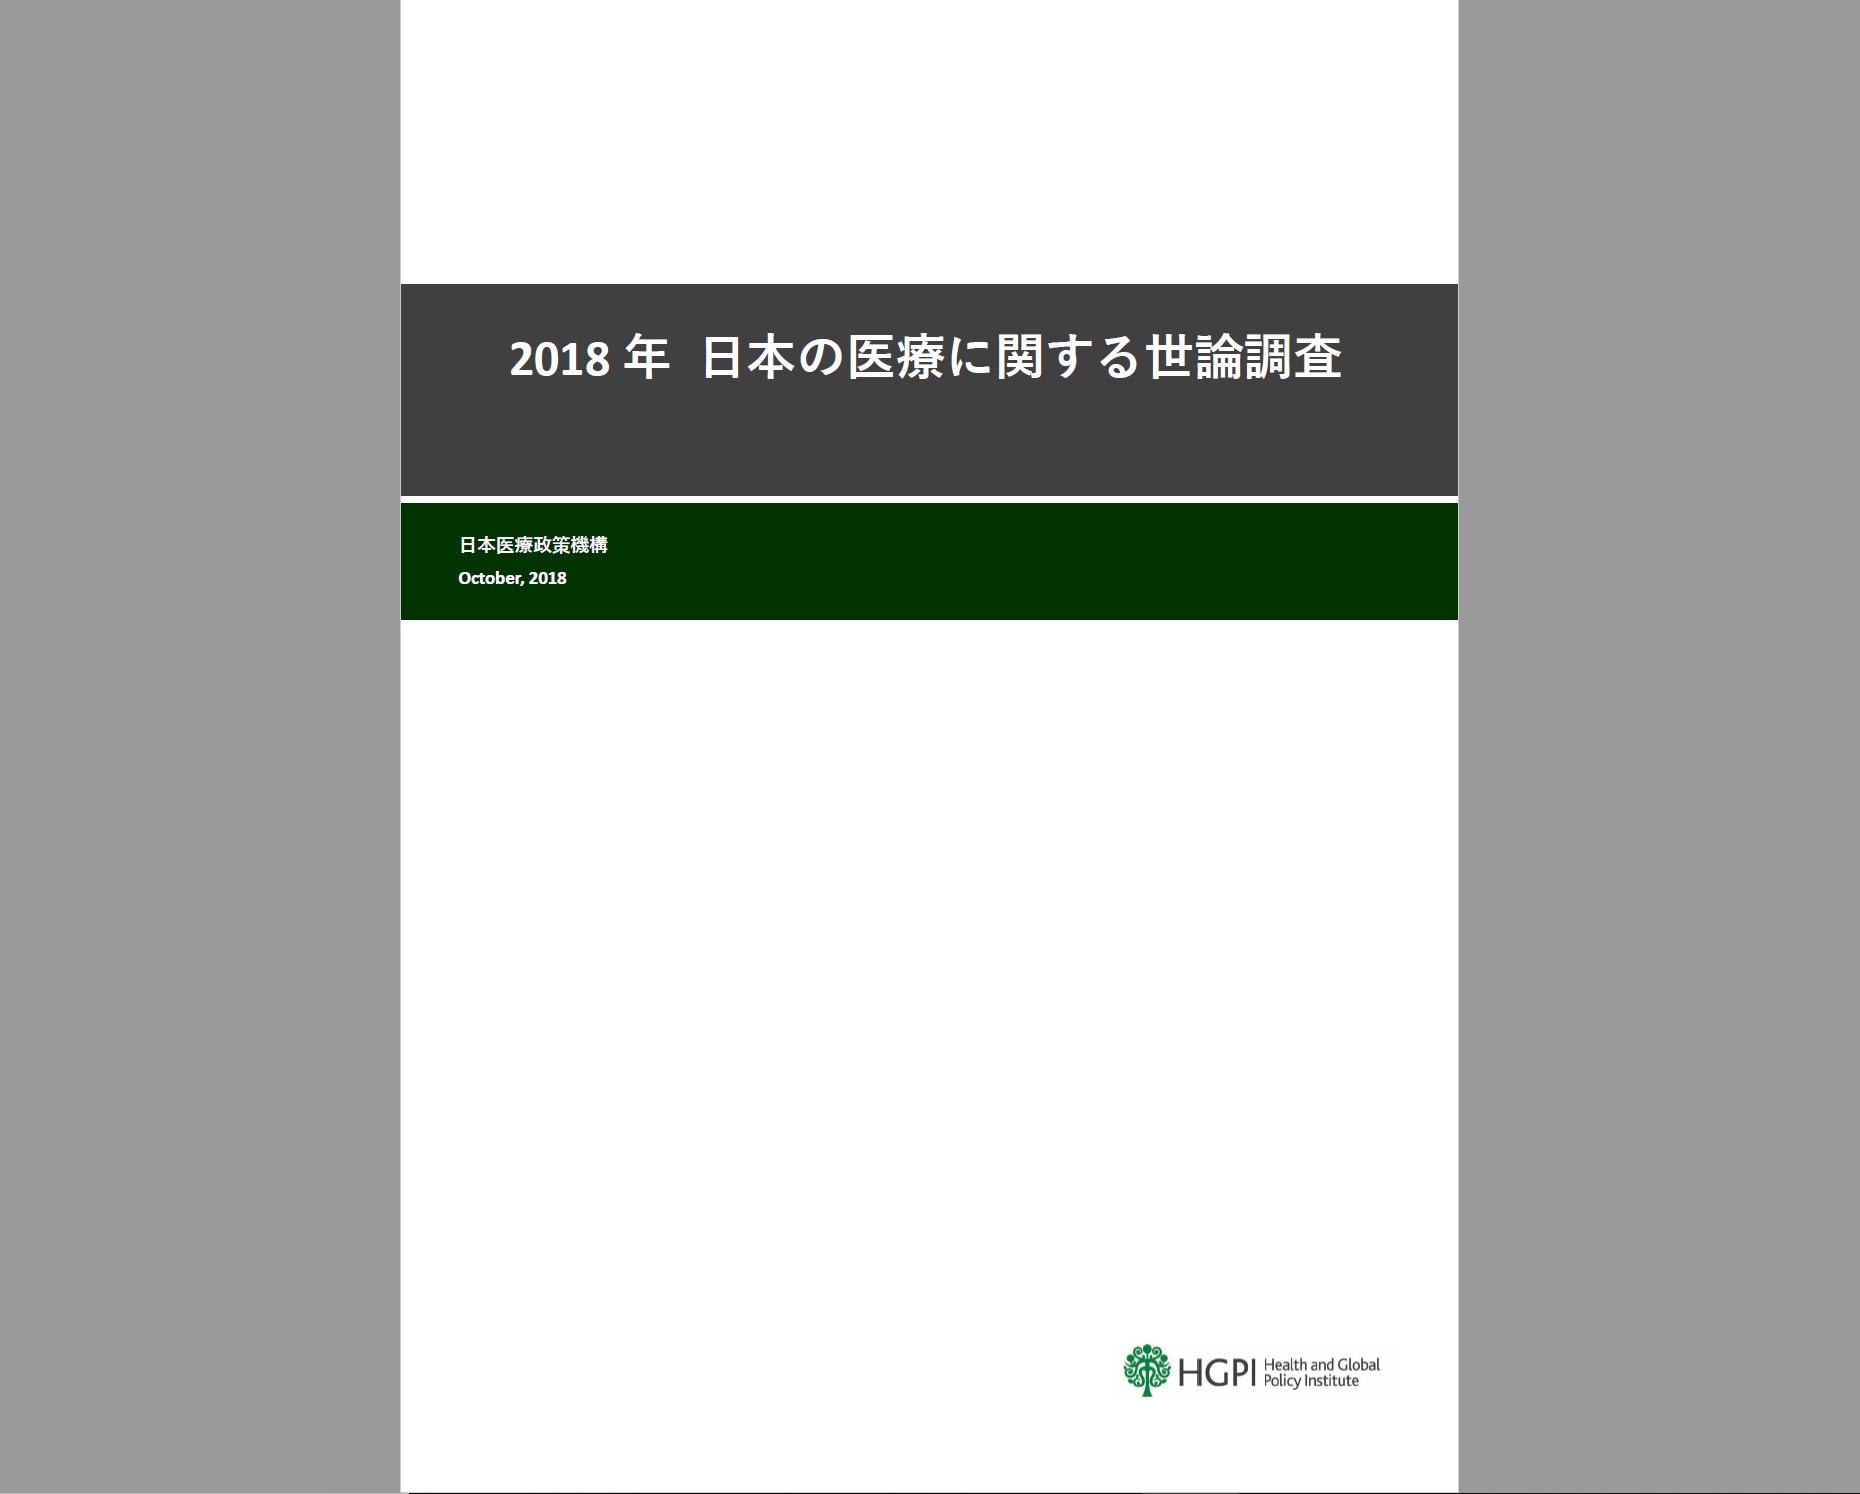 【調査報告】「2018年 日本の医療に関する世論調査」